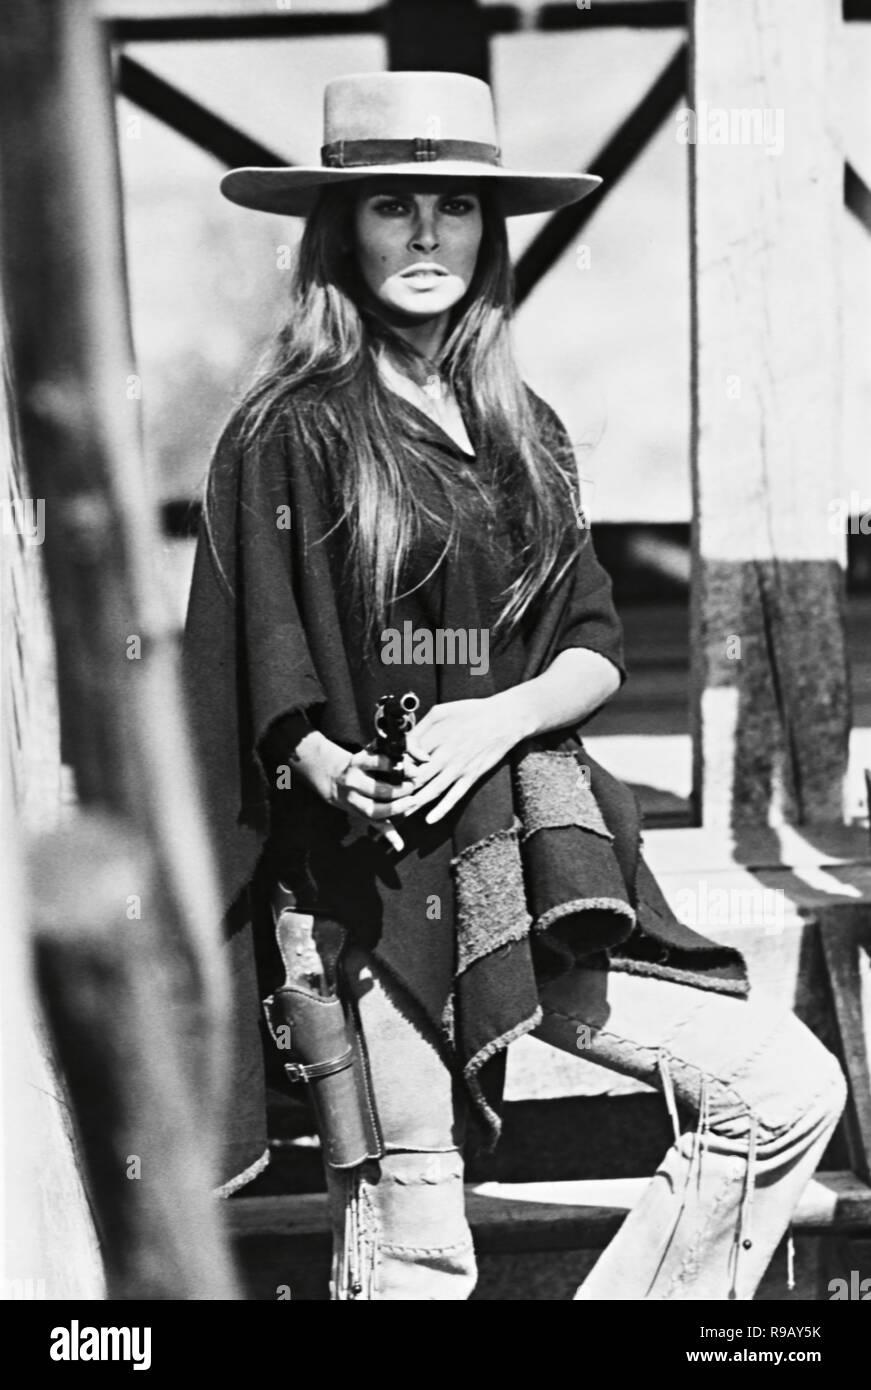 Original film title: HANNIE CAULDER. English title: HANNIE CAULDER. Year: 1971. Director: BURT KENNEDY. Stars: RAQUEL WELCH. Credit: PARAMOUNT PICTURES / Album - Stock Image